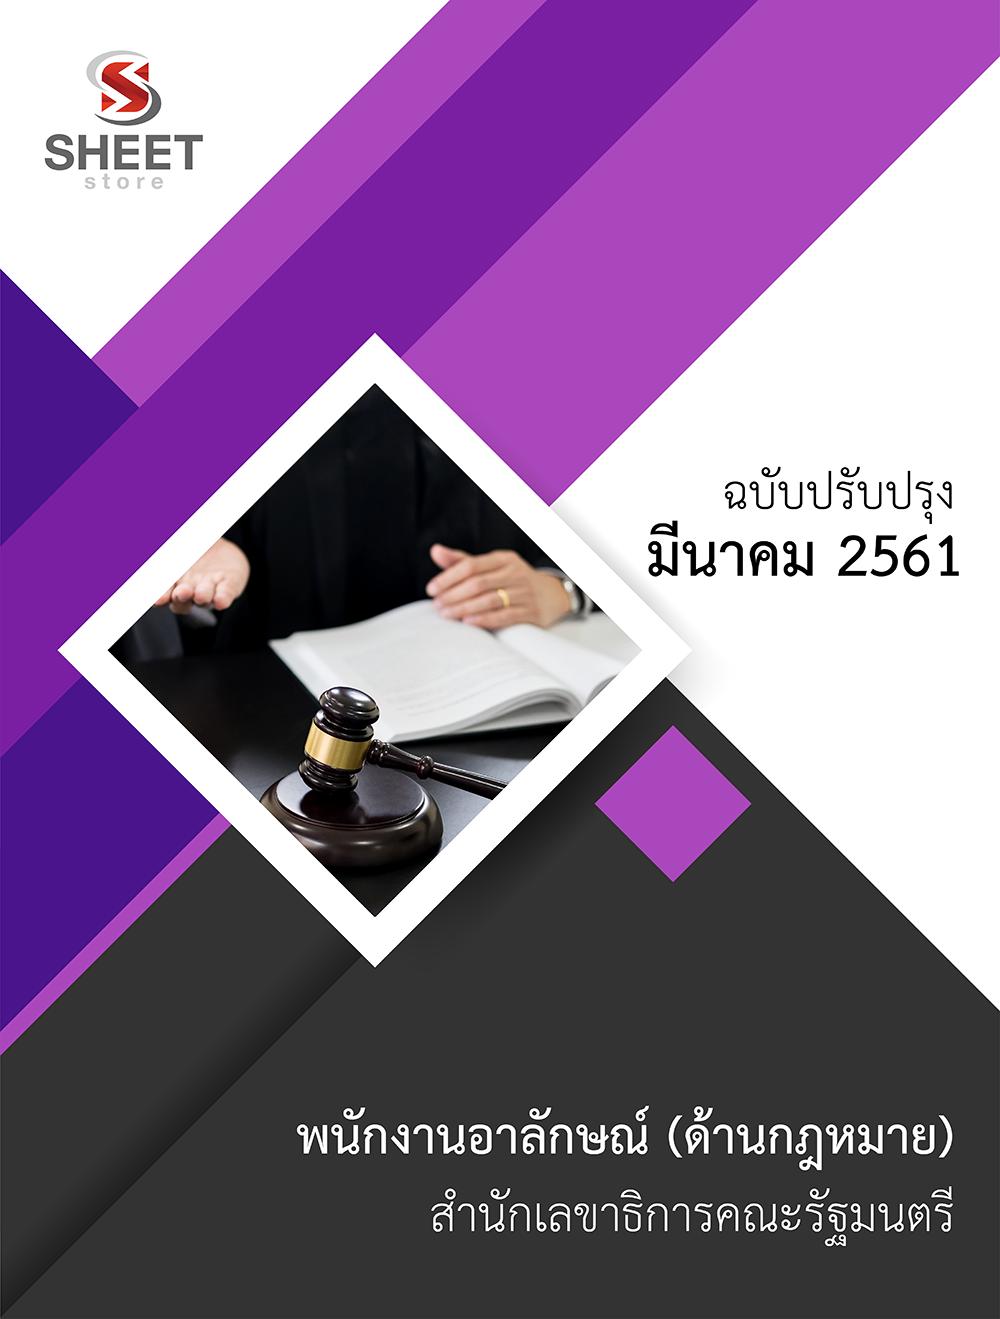 แนวข้อสอบ พนักงานอาลักษณ์ สำนักเลขานายกรัฐมนตรี (พร้อมเฉลย)